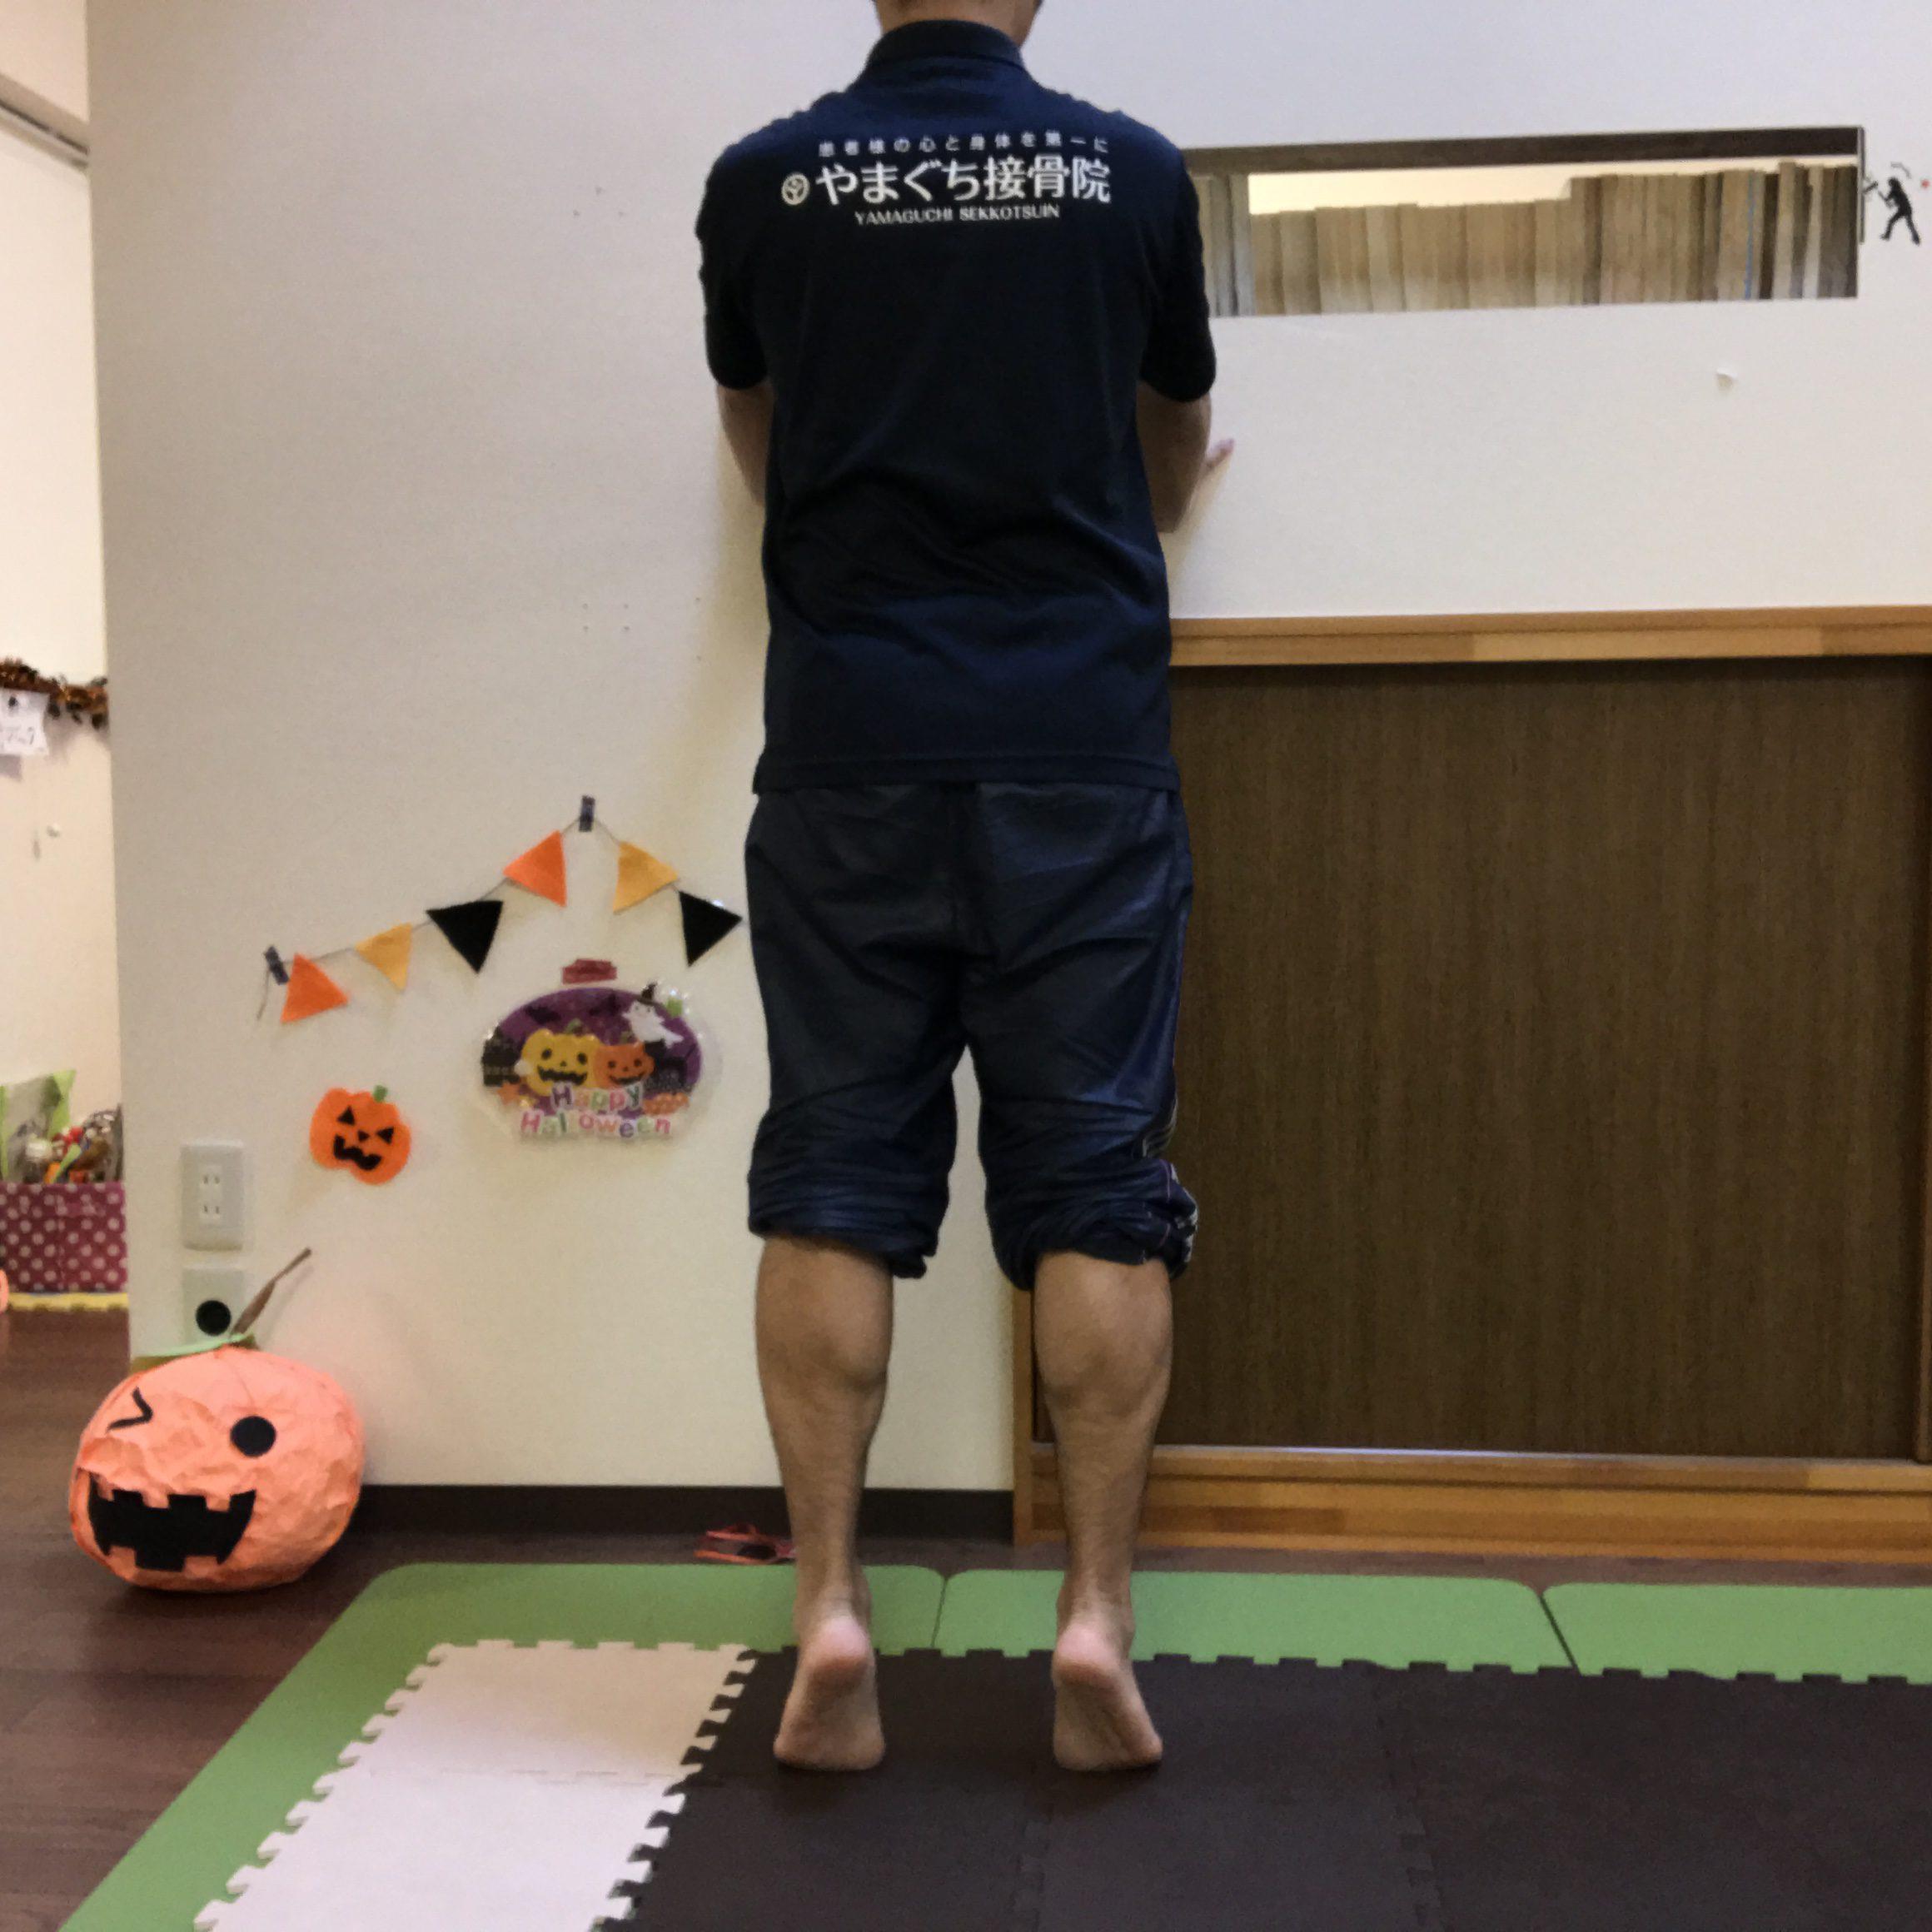 足を肩幅び開いて、つま先をまっすぐ前に向けて立つ。 ゆっくりカカトを上げ下げ。カカトを下げた時に地面につけないように浮かせたままにします。